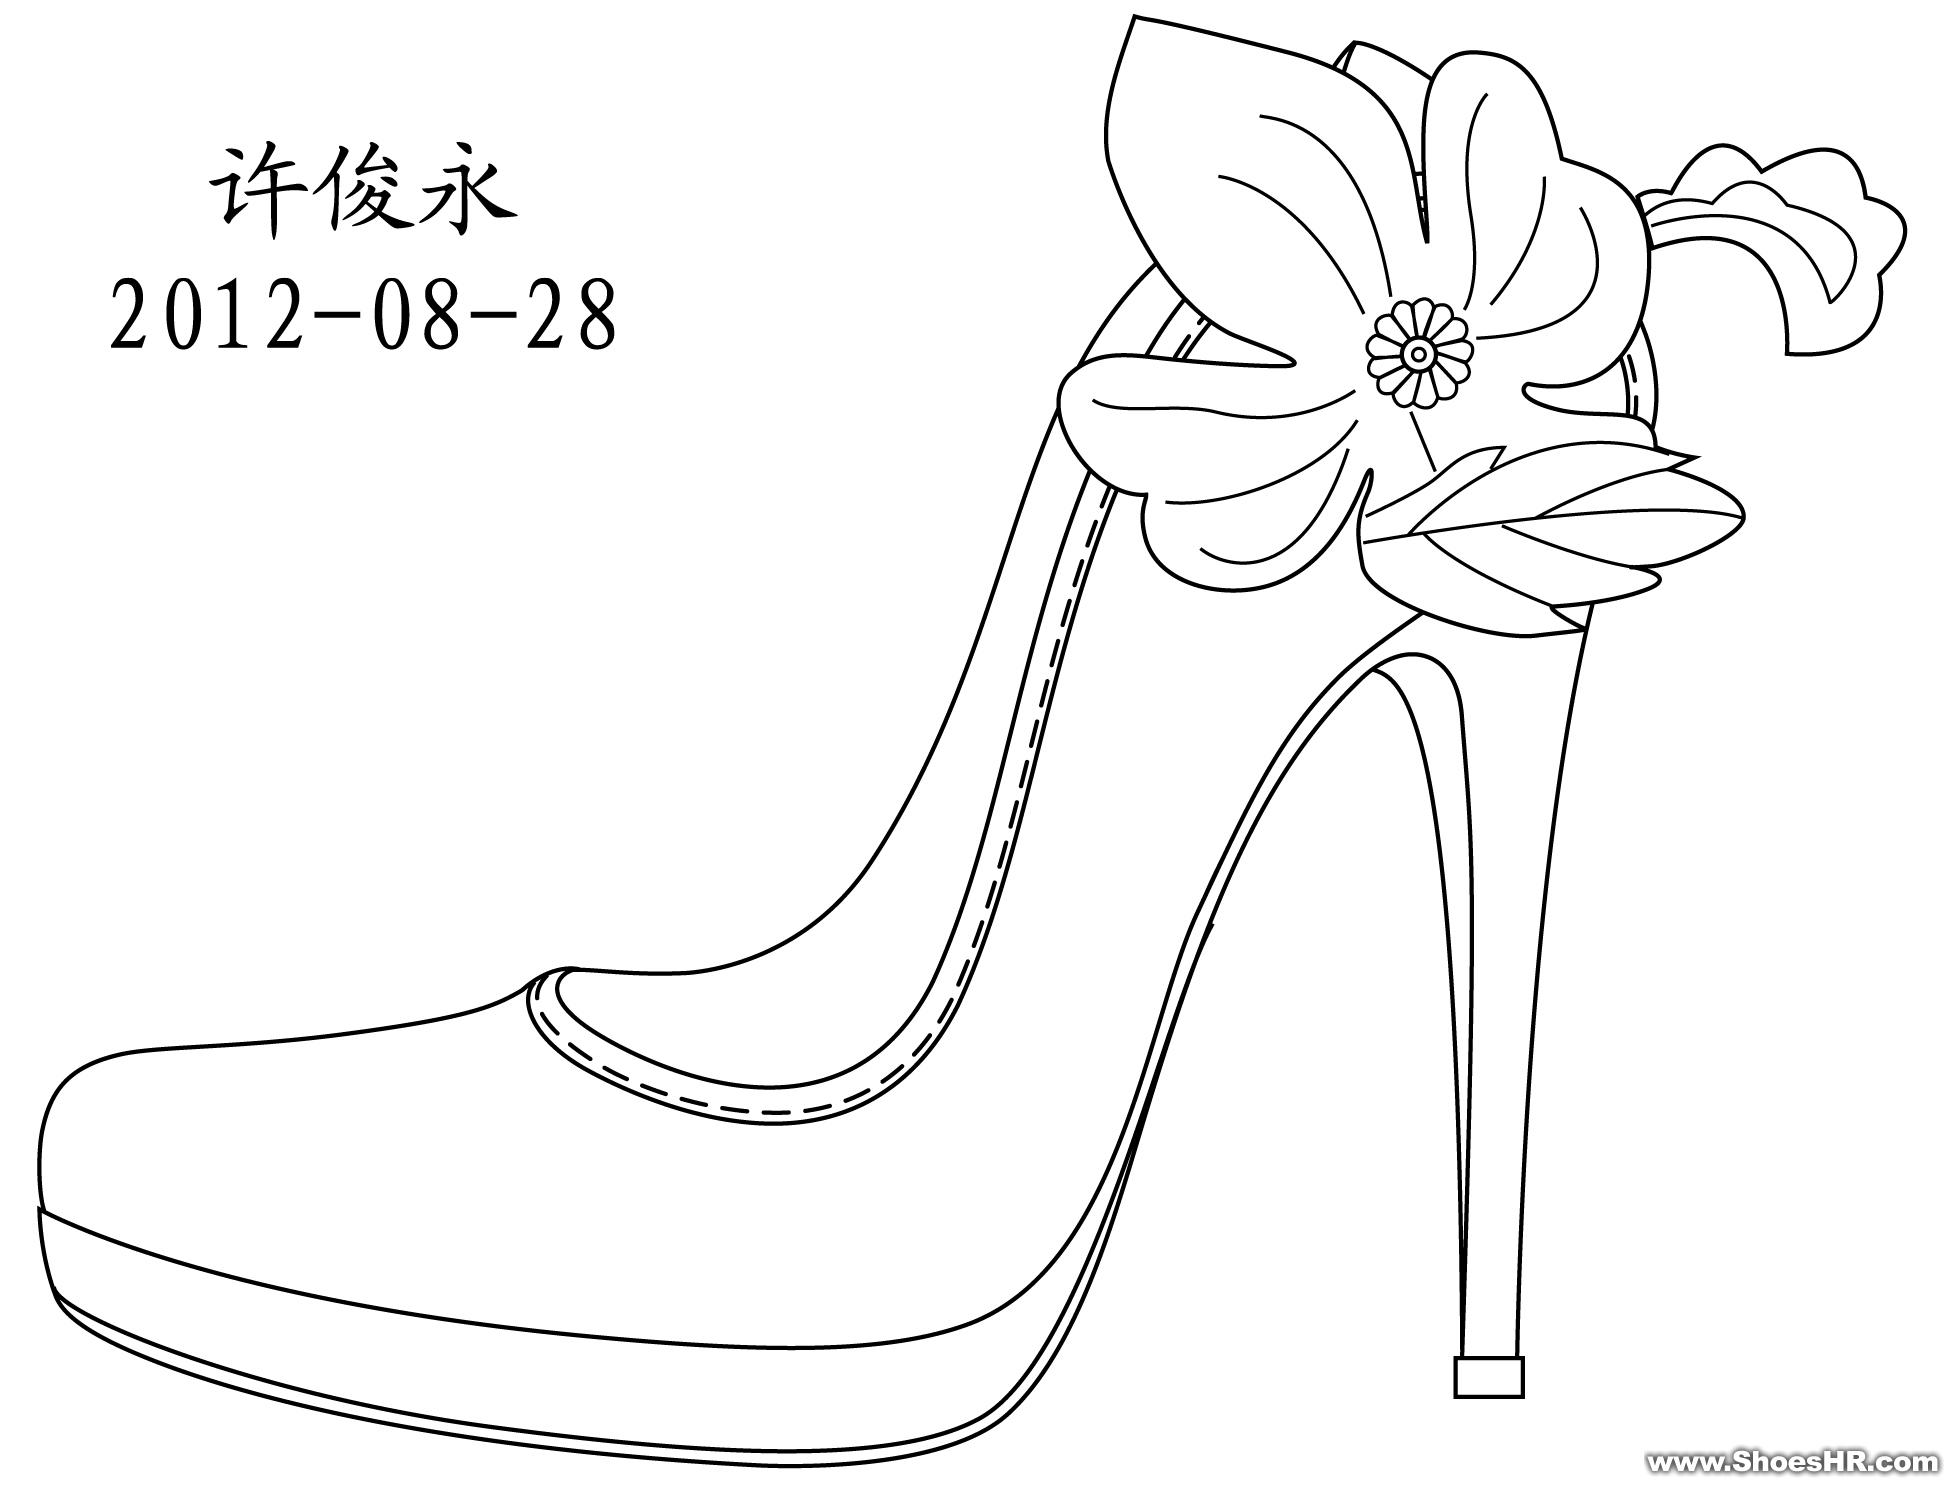 鞋子款式图手绘